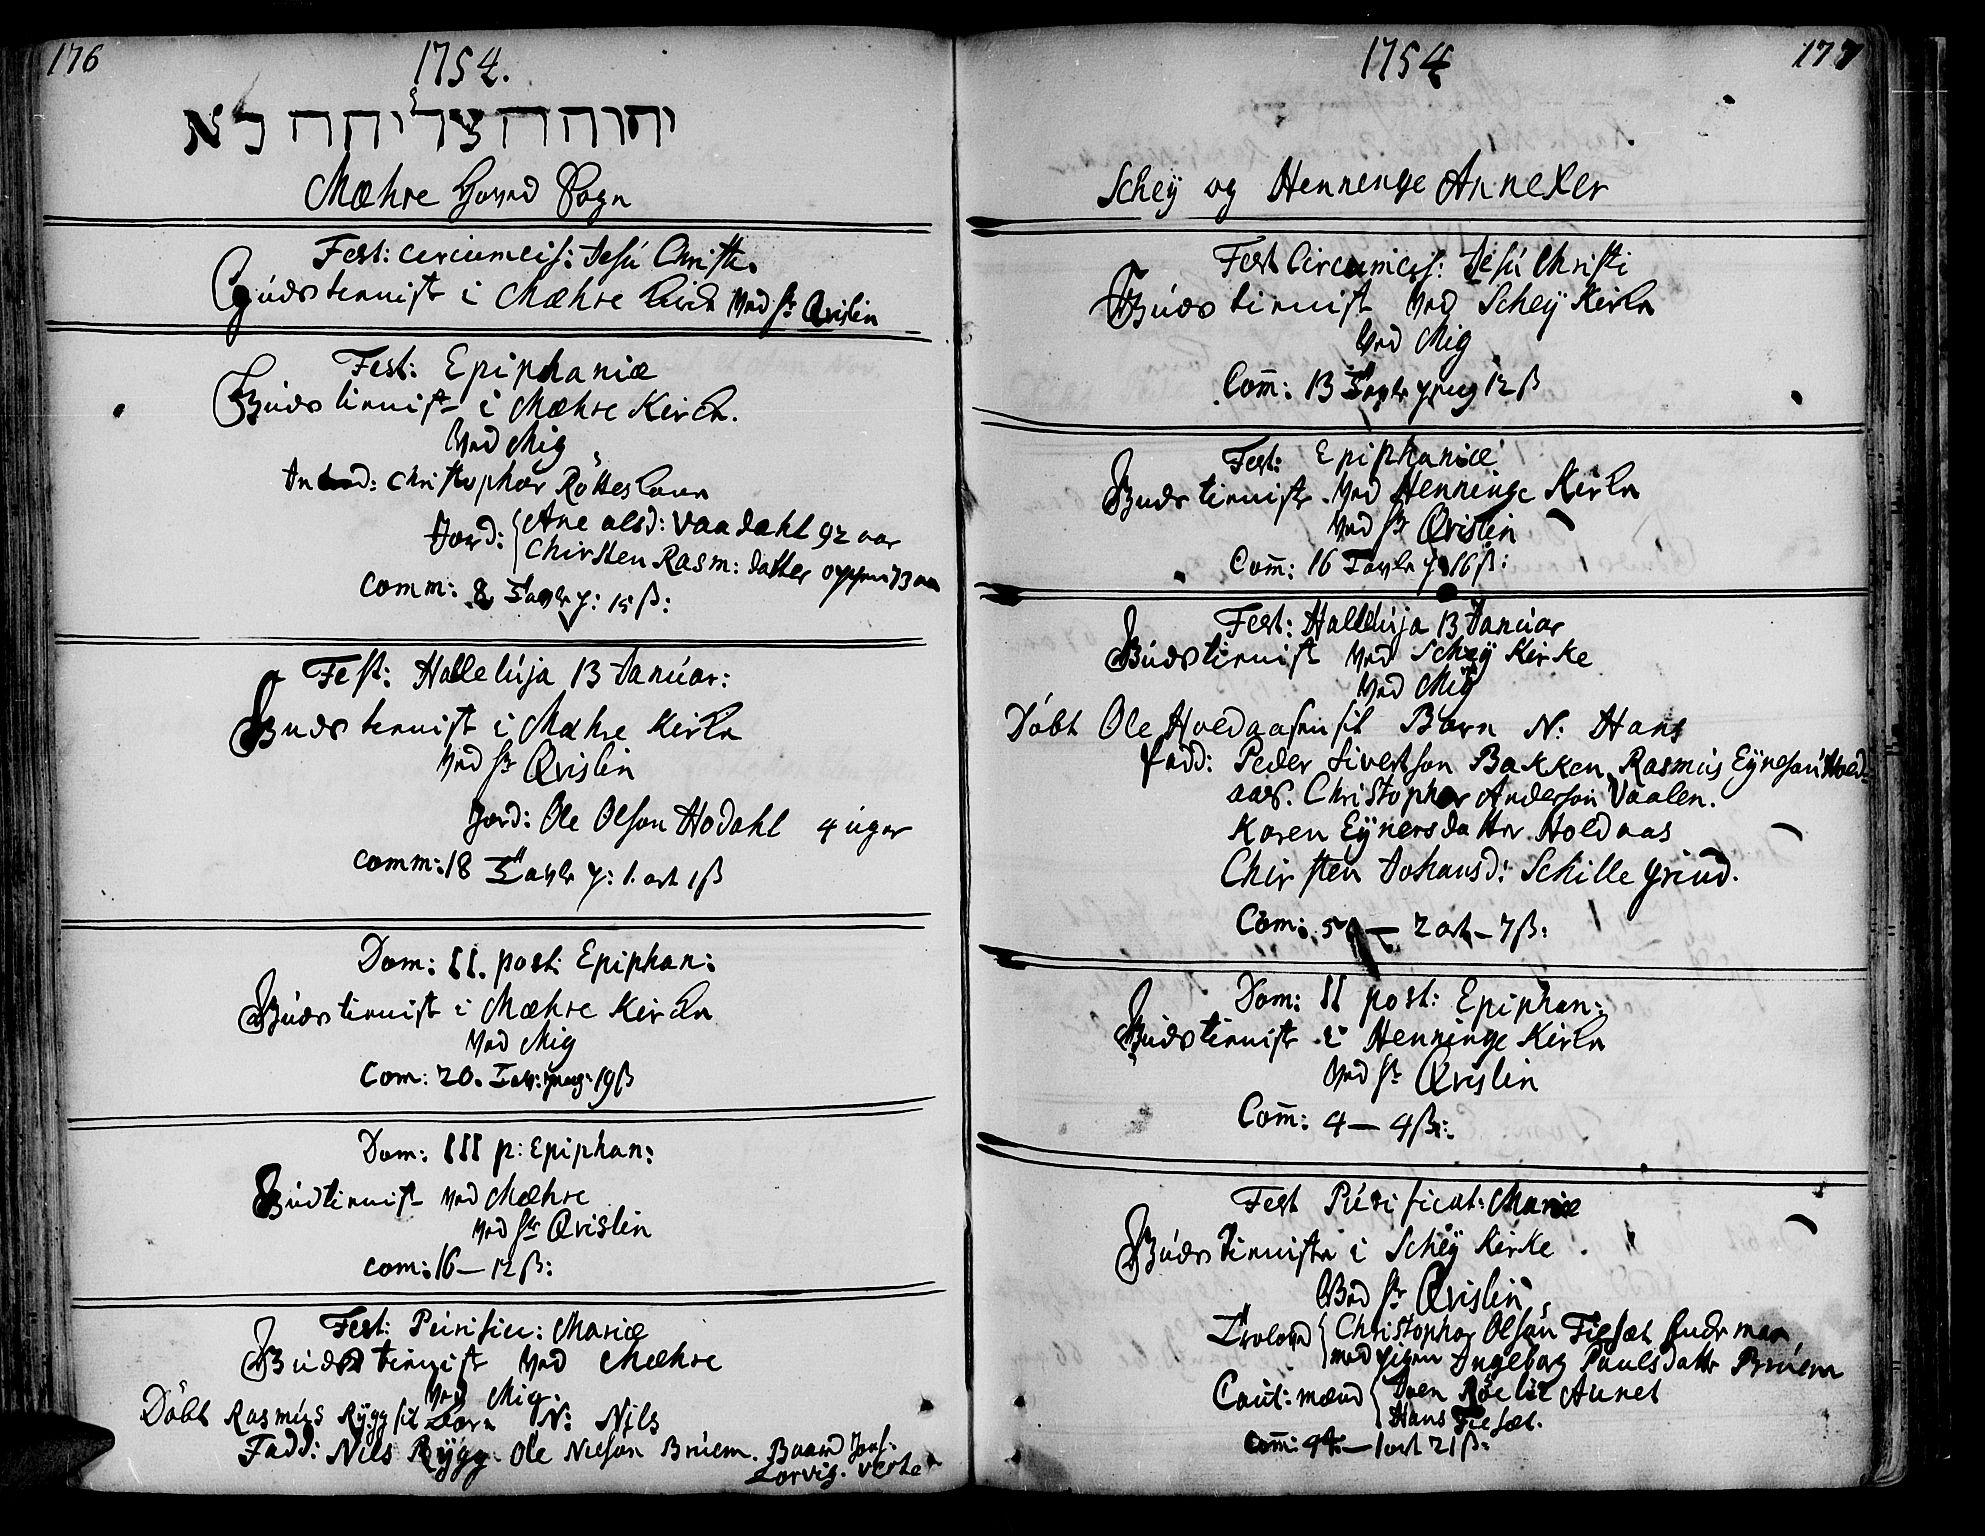 SAT, Ministerialprotokoller, klokkerbøker og fødselsregistre - Nord-Trøndelag, 735/L0330: Ministerialbok nr. 735A01, 1740-1766, s. 176-177